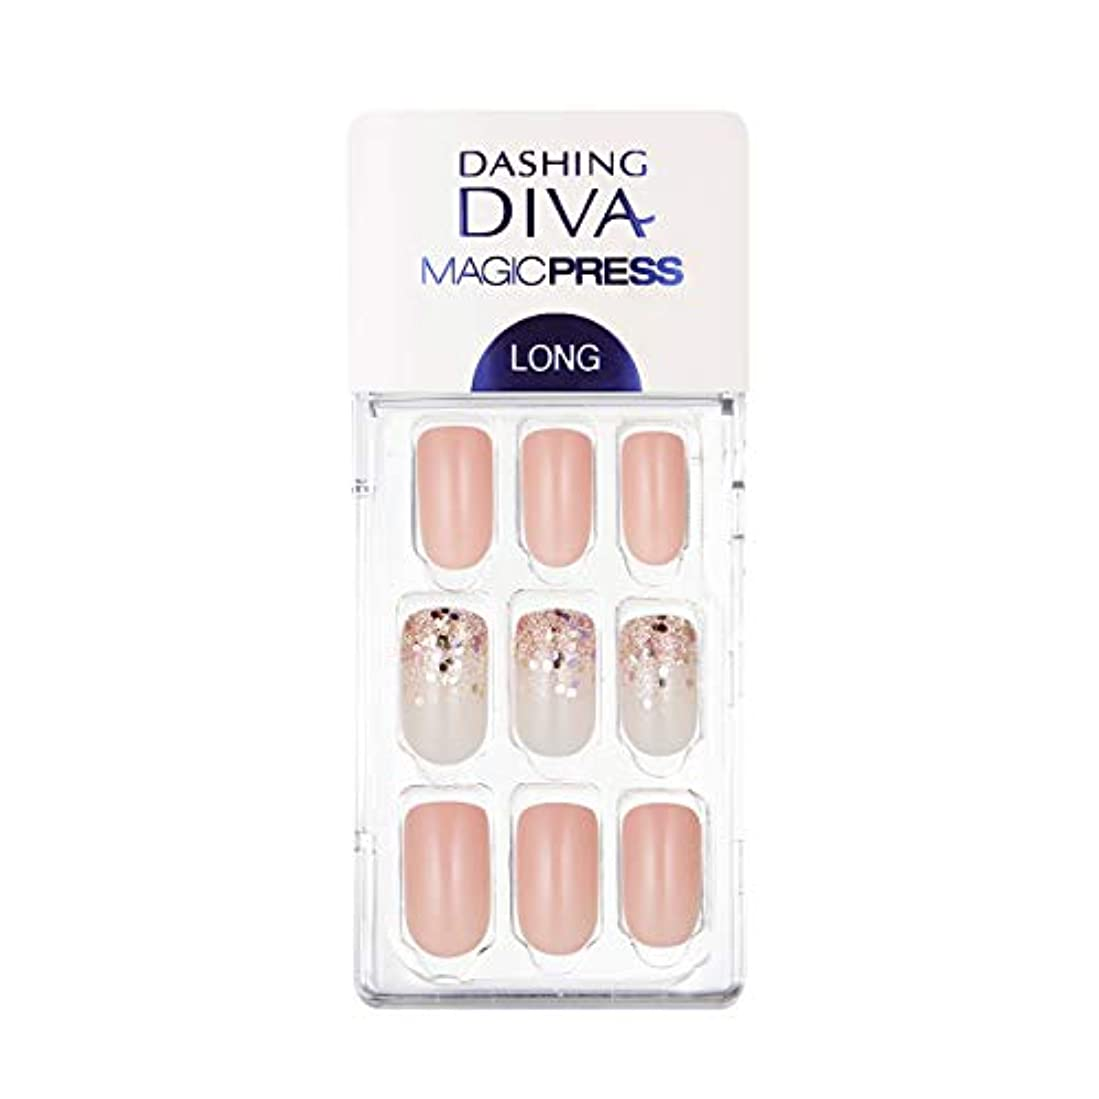 否認するキノコ受け入れるダッシングディバ マジックプレス DASHING DIVA MagicPress MDR_437SL-DURY+ オリジナルジェル ネイルチップ Glittering Peach